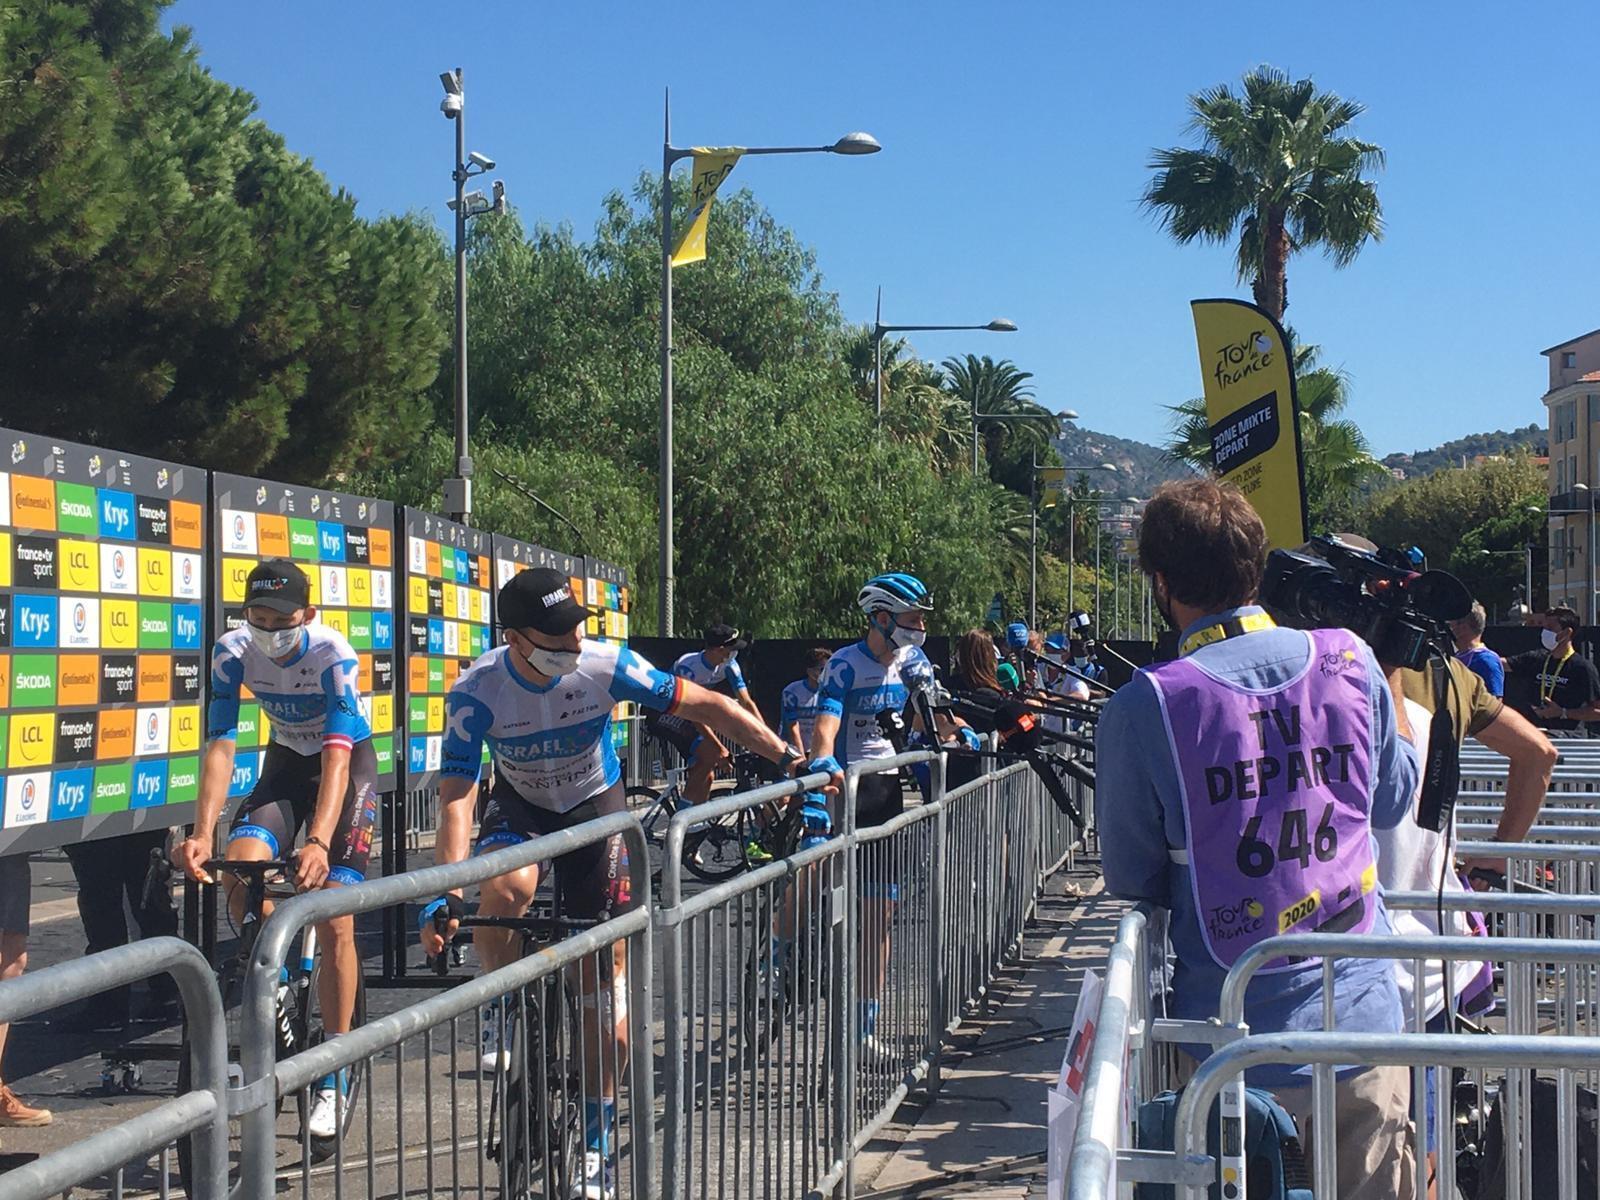 Zona de prensa en la salida de cada etapa. Los medios y los ciclistas están separados por una barrera para mantener la distancia física.